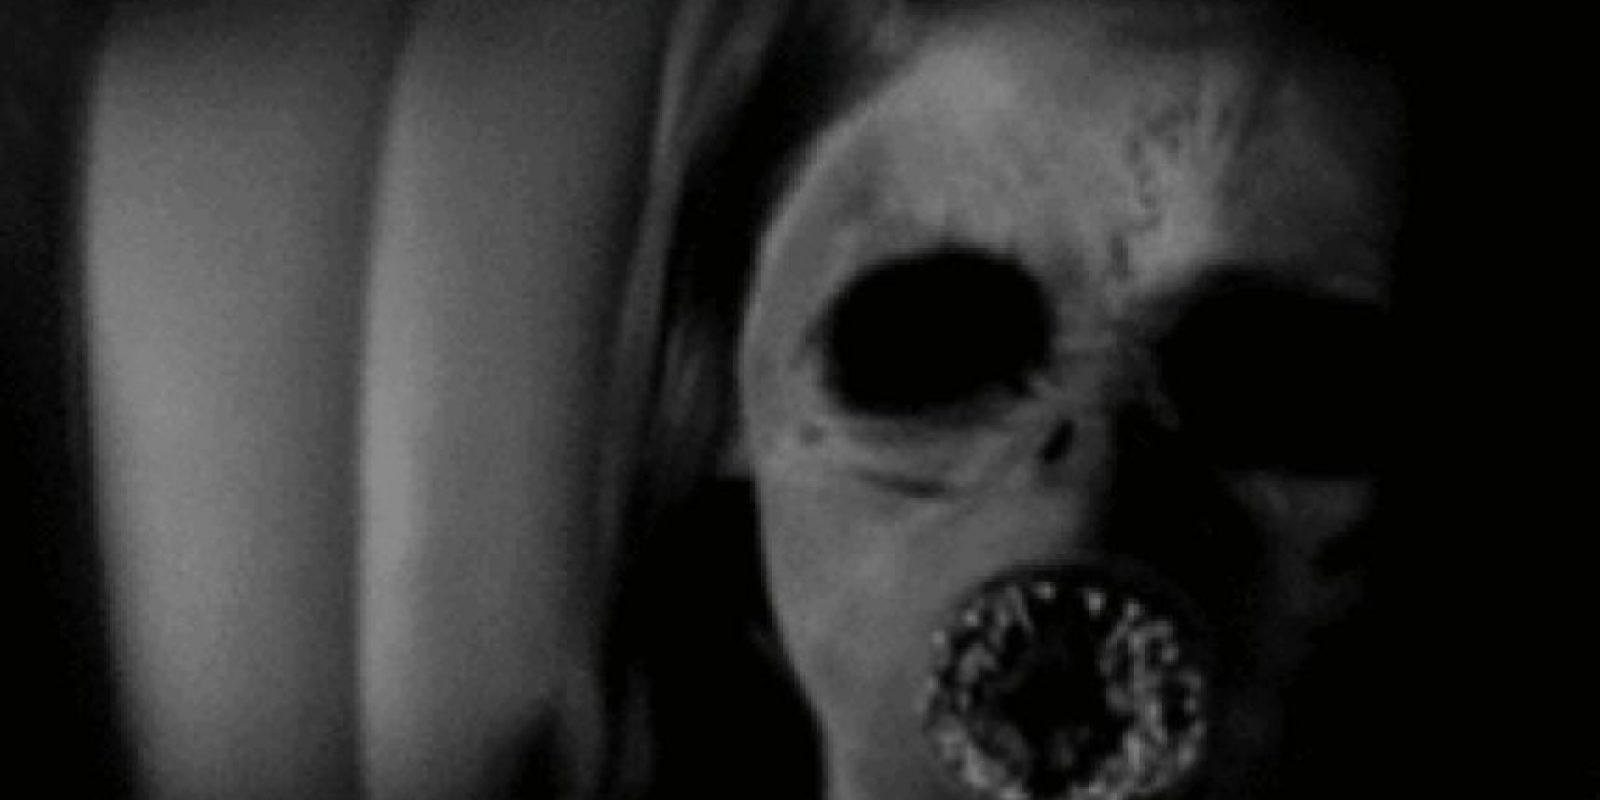 En la demonología hay diversas jerarquías de demonios. Ángeles caídos, espíritus humanos en desgracia y otros entes de tipo maligno. Foto:vía Tumblr